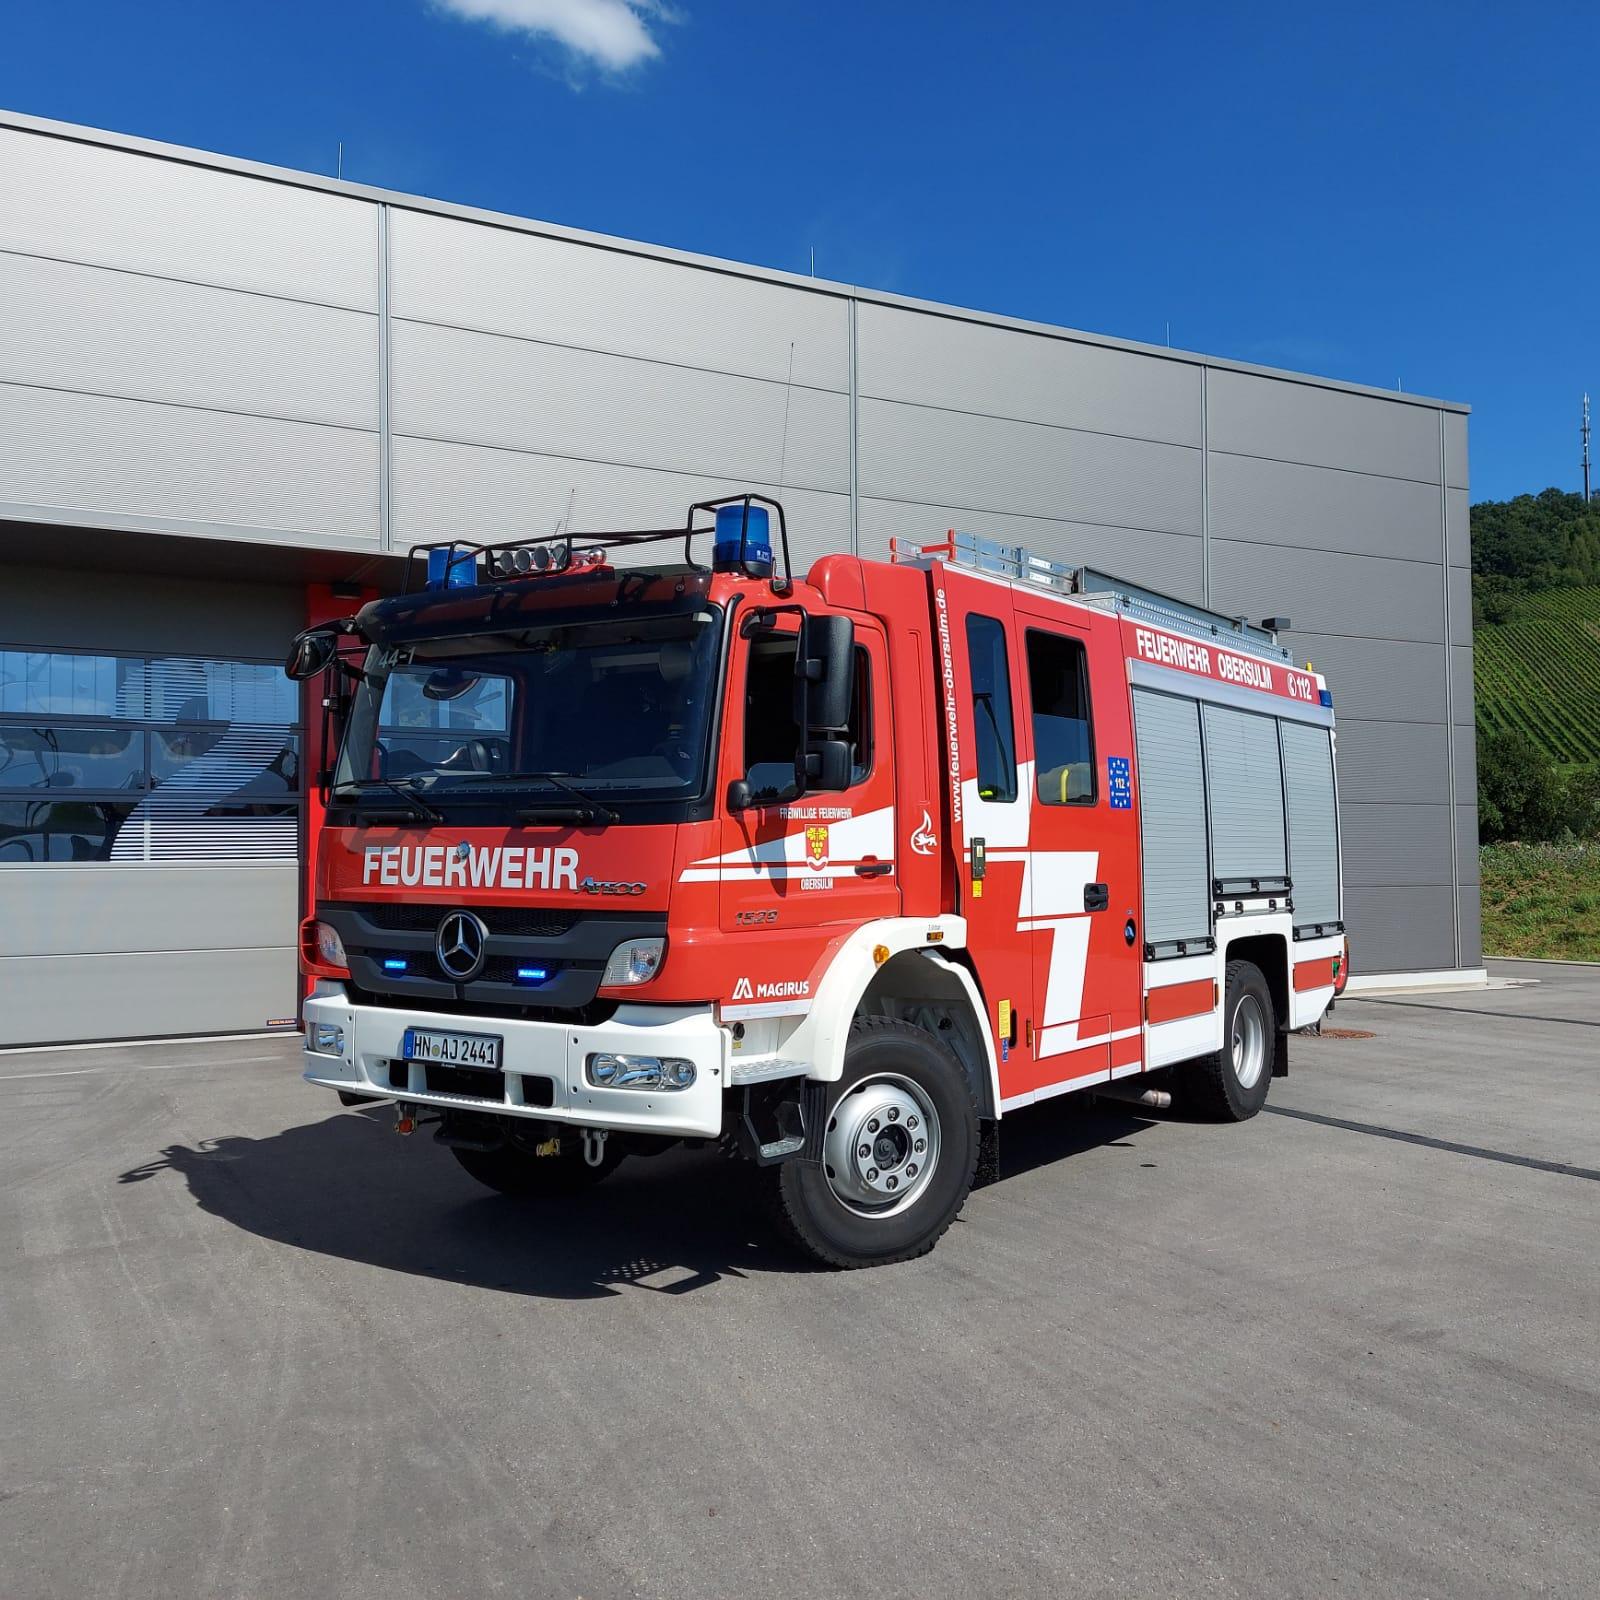 #0045 - Löschgruppenfahrzeug 20 FF Obersulm